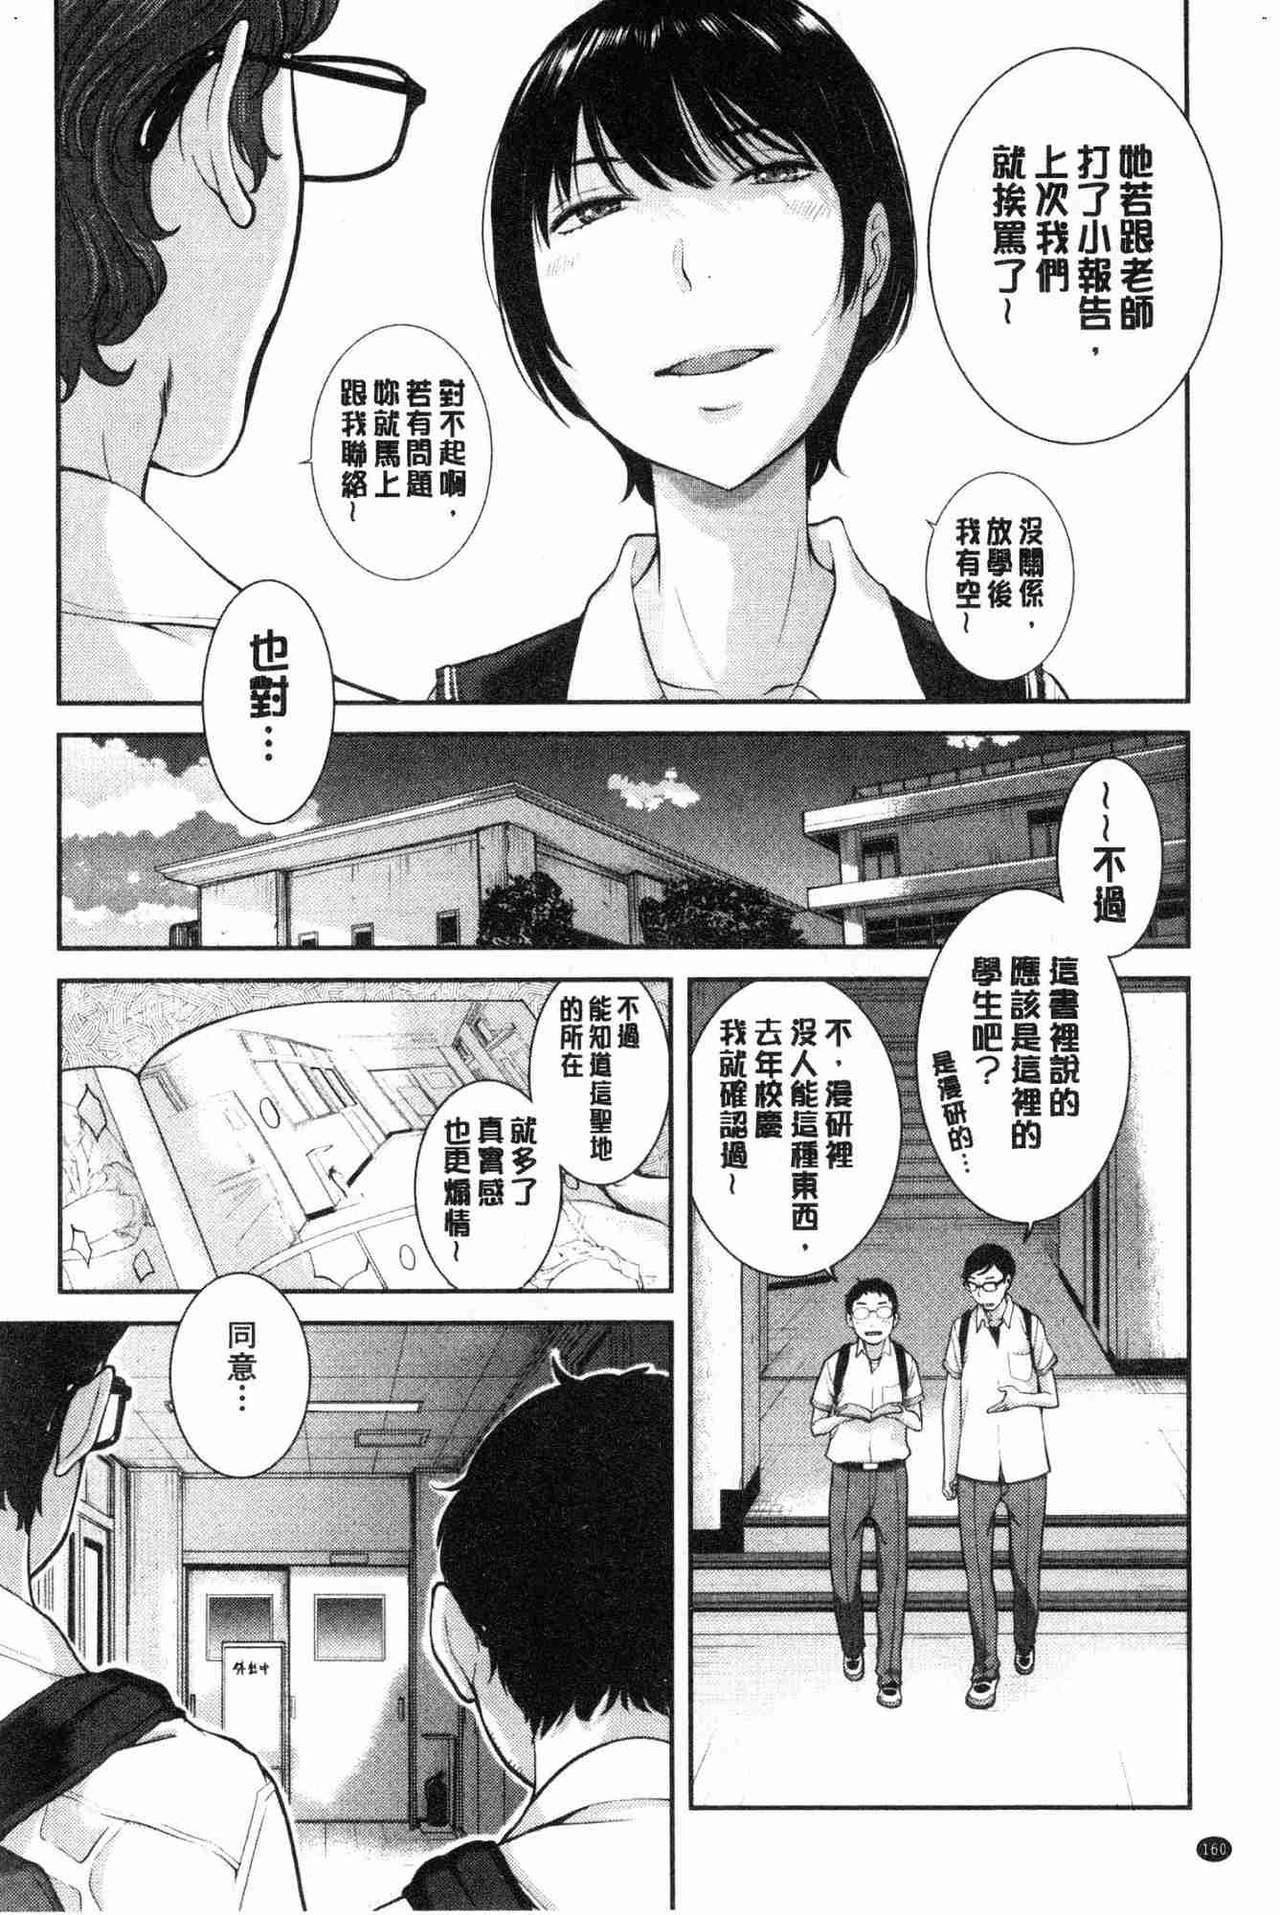 [Harazaki Takuma] Seifuku Shijou Shugi -Natsu- - Uniforms supremacy [Chinese] 160